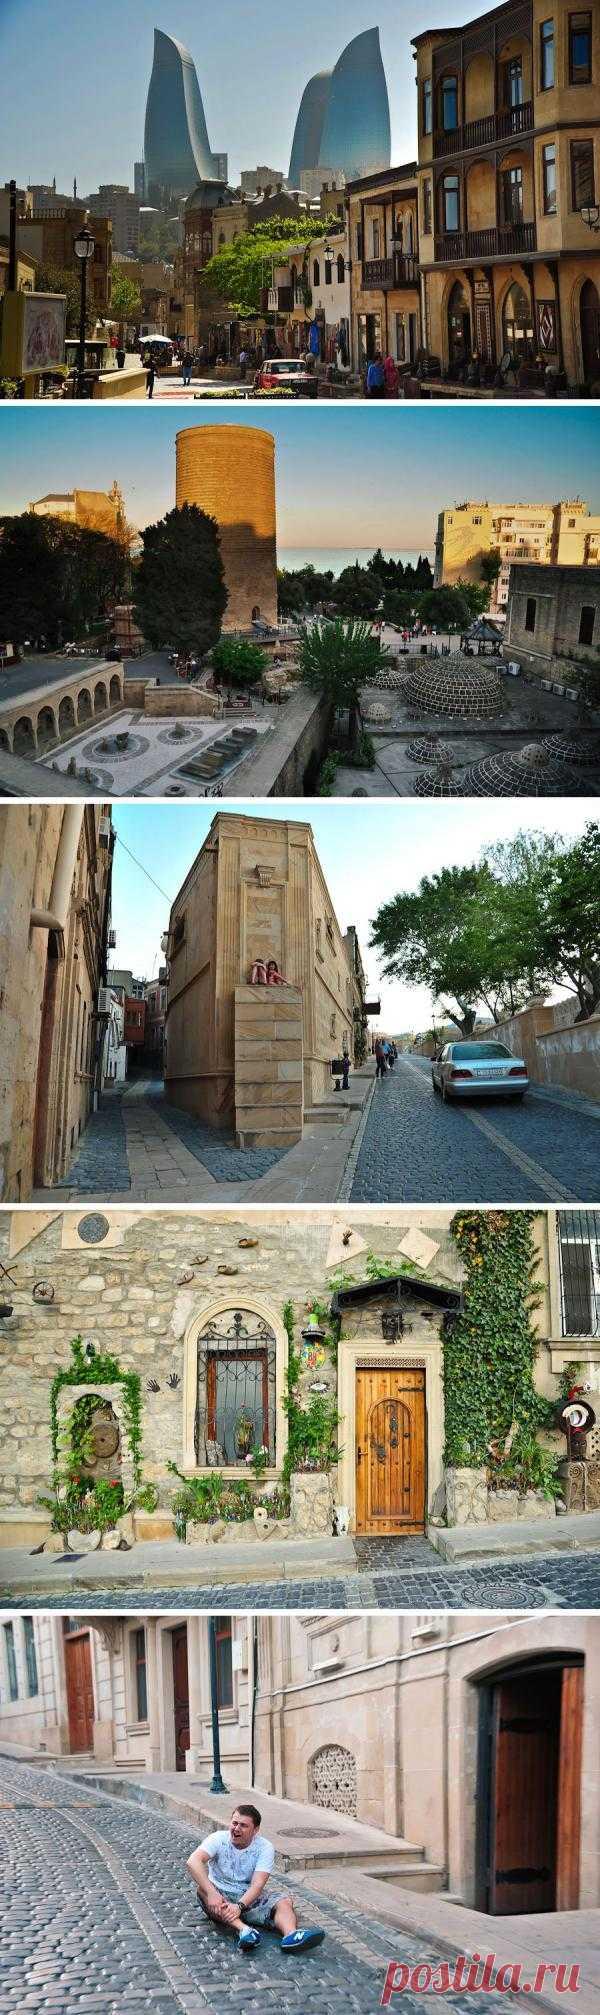 Фильм Брилиантовая рука помните? Узнаёте улицу? Баку — крупнейший порт на Каспийском море и самый большой город на Кавказе, который по своей древности, величине территории и численности населения является одним из старинных и крупнейших городов Востока. Баку, Азербайджан